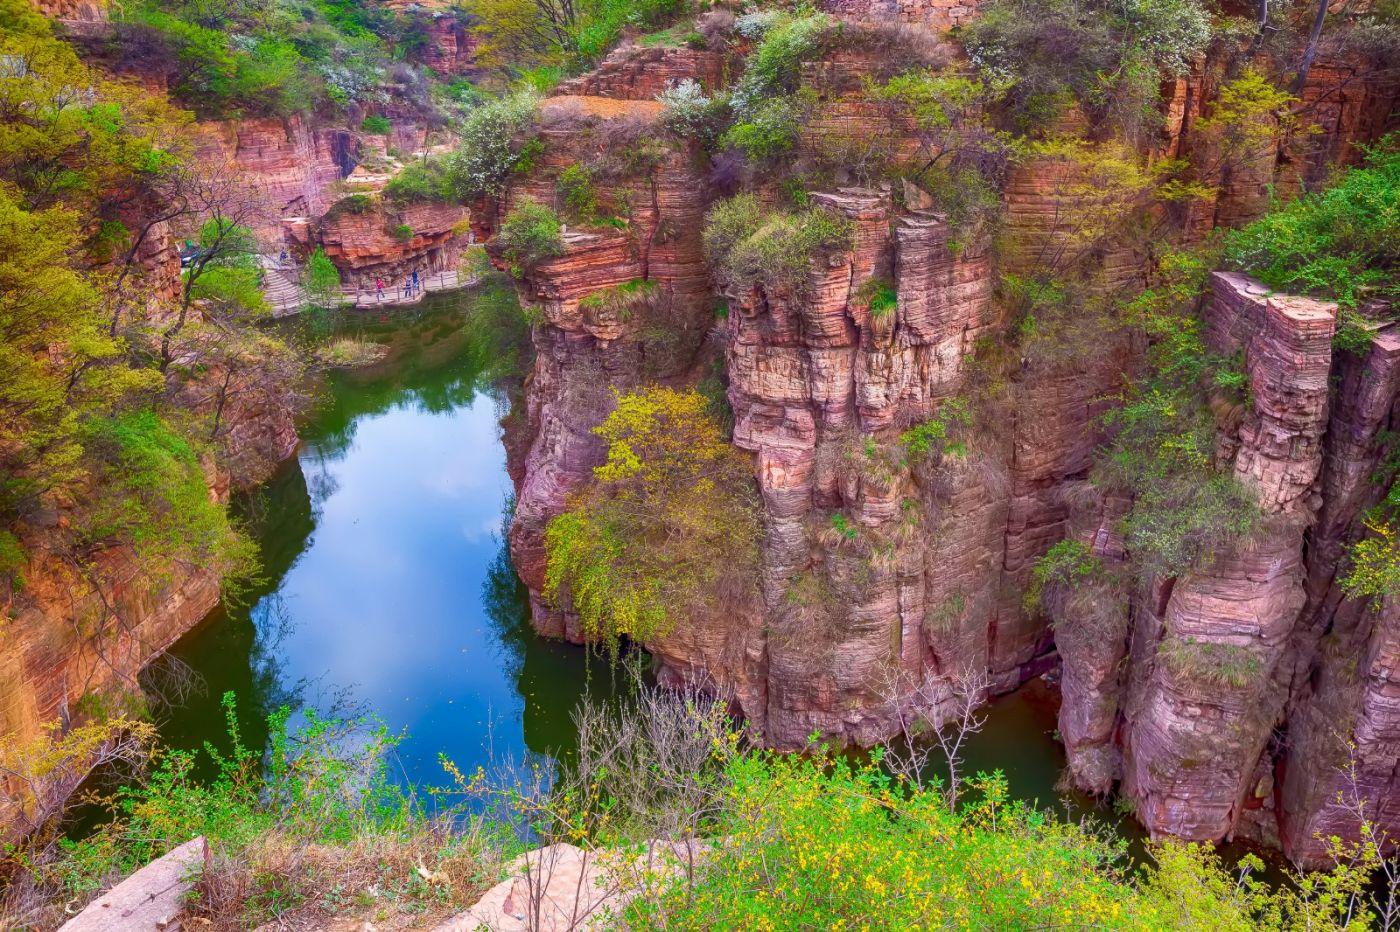 崖壁上的古村落 郭亮村 绝处也有风景_图1-6